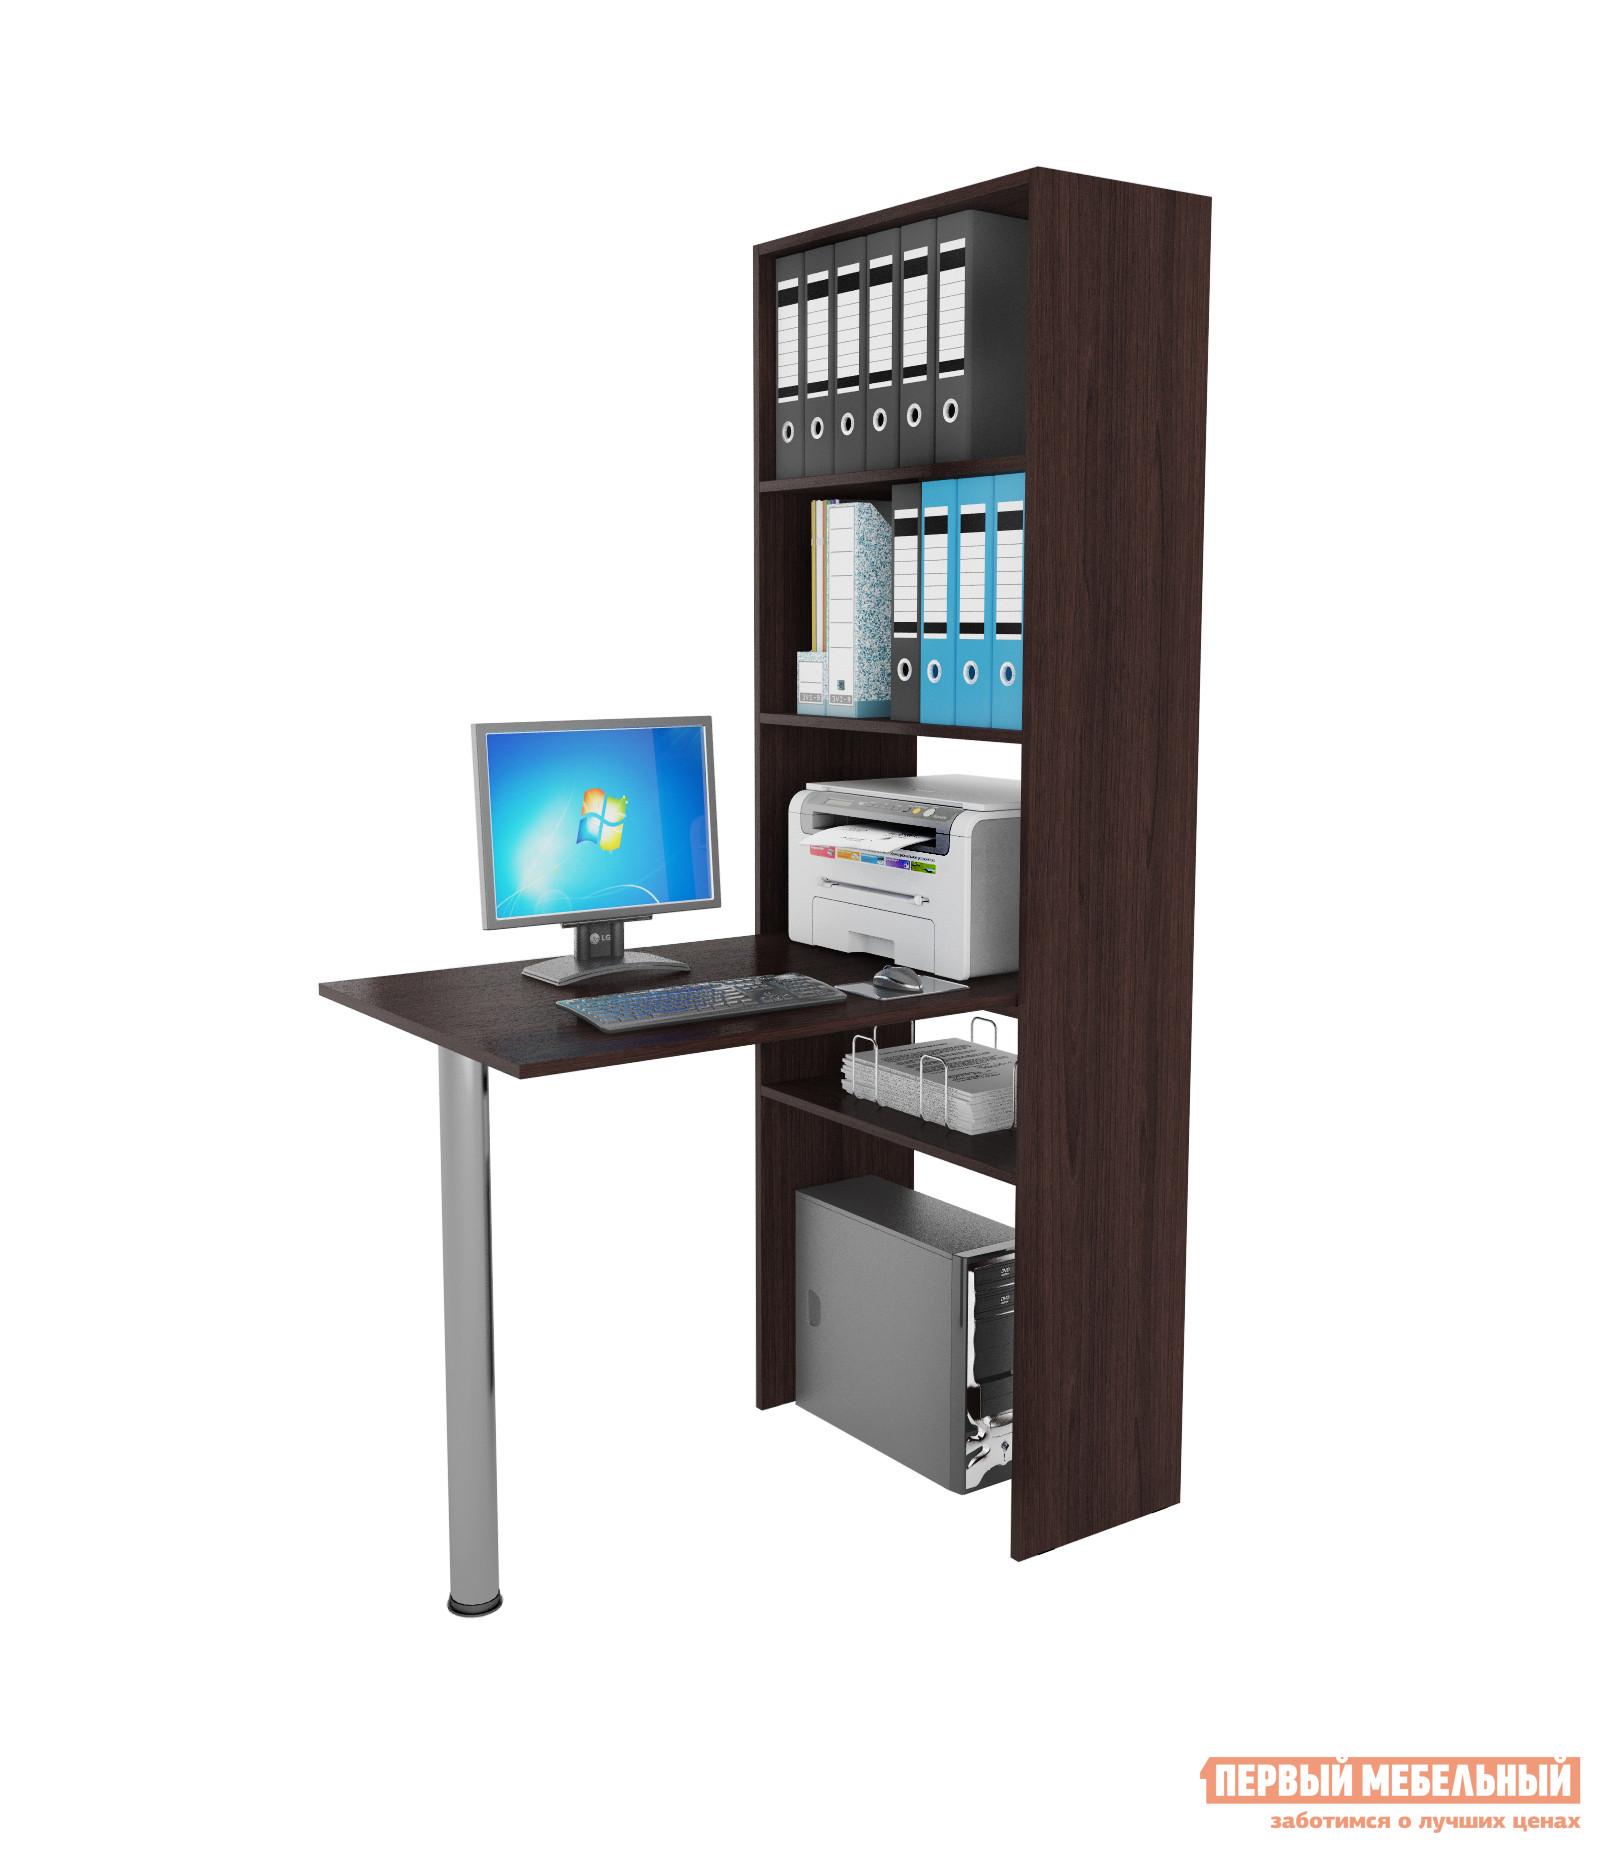 Компьютерный стол МФ Мастер Рикс-4 + Рикс-6 ВенгеКомпьютерные столы<br>Габаритные размеры ВхШхГ 1770x1100x632 мм. Удобный компьютерный стол с надстройкой-стеллажом.  Модель поможет разместить книги, папки и даже оргтехнику.  Стол компактен, поэтому не займет много места в комнате.  Также он подходит для использования в качестве разграничителя пространства. В комплект входят:Стеллаж (ВхШхГ): 1770 х 632 х 300 мм. Стол (ВхШхГ): 750 х 1100 х 600 мм. Изделие изготавливается из ЛДСП толщиной 16 мм, края обработаны кромкой ПВХ.<br><br>Цвет: Венге<br>Высота мм: 1770<br>Ширина мм: 1100<br>Глубина мм: 632<br>Кол-во упаковок: 4<br>Форма поставки: В разобранном виде<br>Срок гарантии: 2 года<br>Тип: Угловые<br>Тип: Открытые<br>Тип: Книжные<br>Тип: Разделители<br>Тип: Напольные<br>Тип: Пристенные<br>Назначение: Для дома<br>Материал: ЛДСП<br>Размер: Маленькие<br>Размер: Узкие<br>Размер: Ширина 110 см<br>Размер: Высокие<br>С надстройкой: Да<br>Со столом: Да<br>С металлическими ножками: Да<br>С полками: Да<br>Со стеллажом: Да